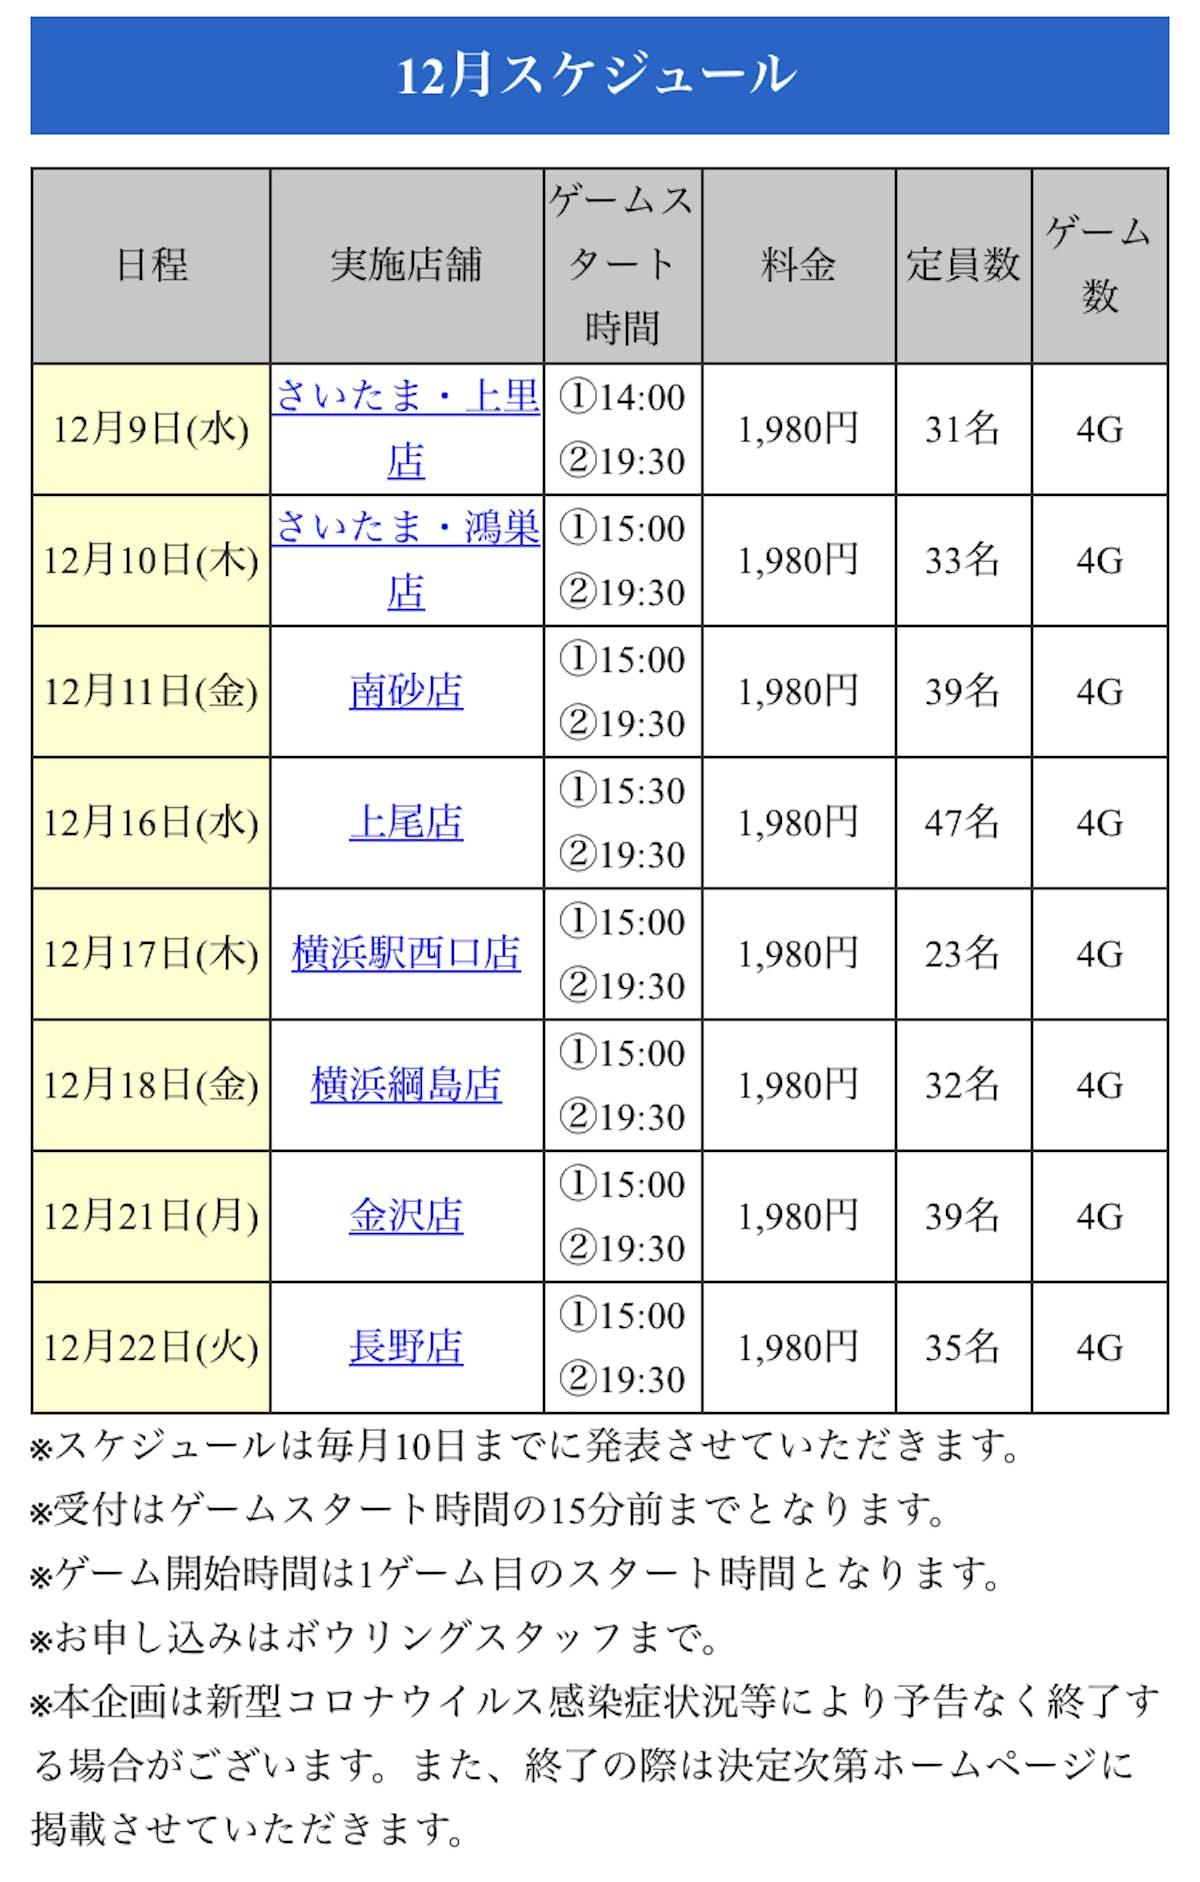 B893A96F-FD1D-4CD2-B4A9-03353517D7CB.jpeg